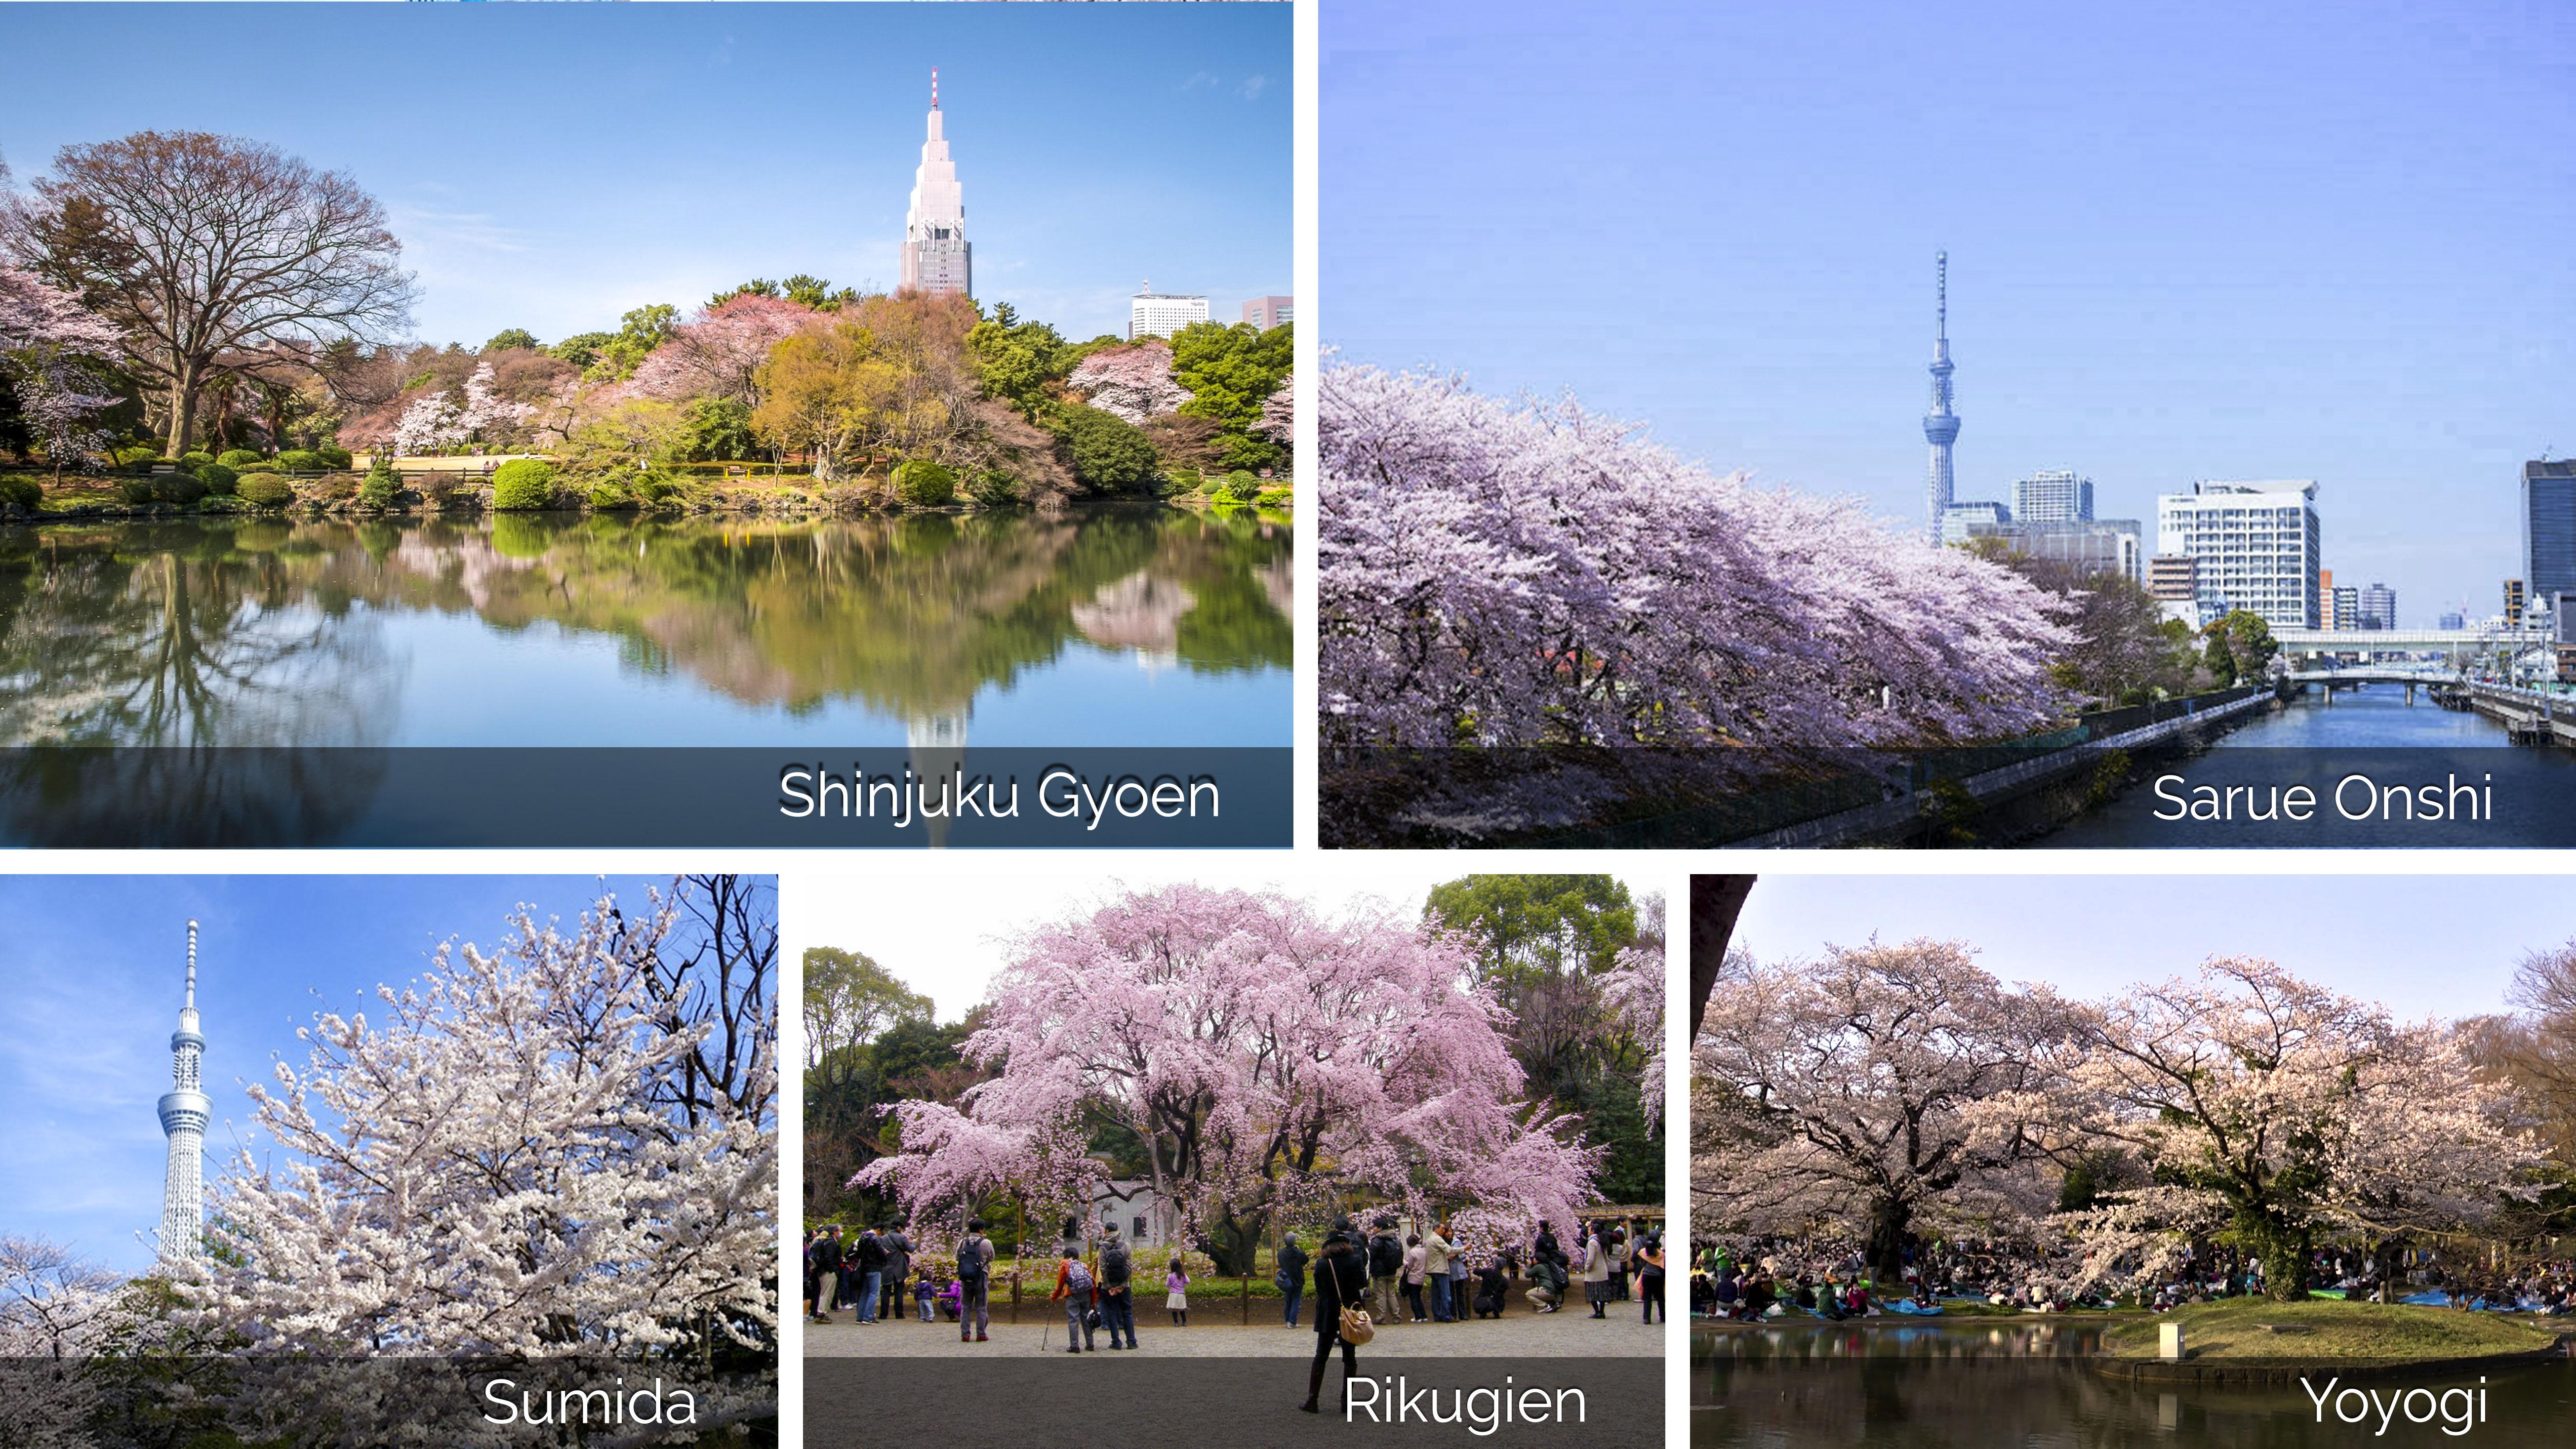 s11 điểm ngắm hoa anh đào nổi tiếng Tokyo-1